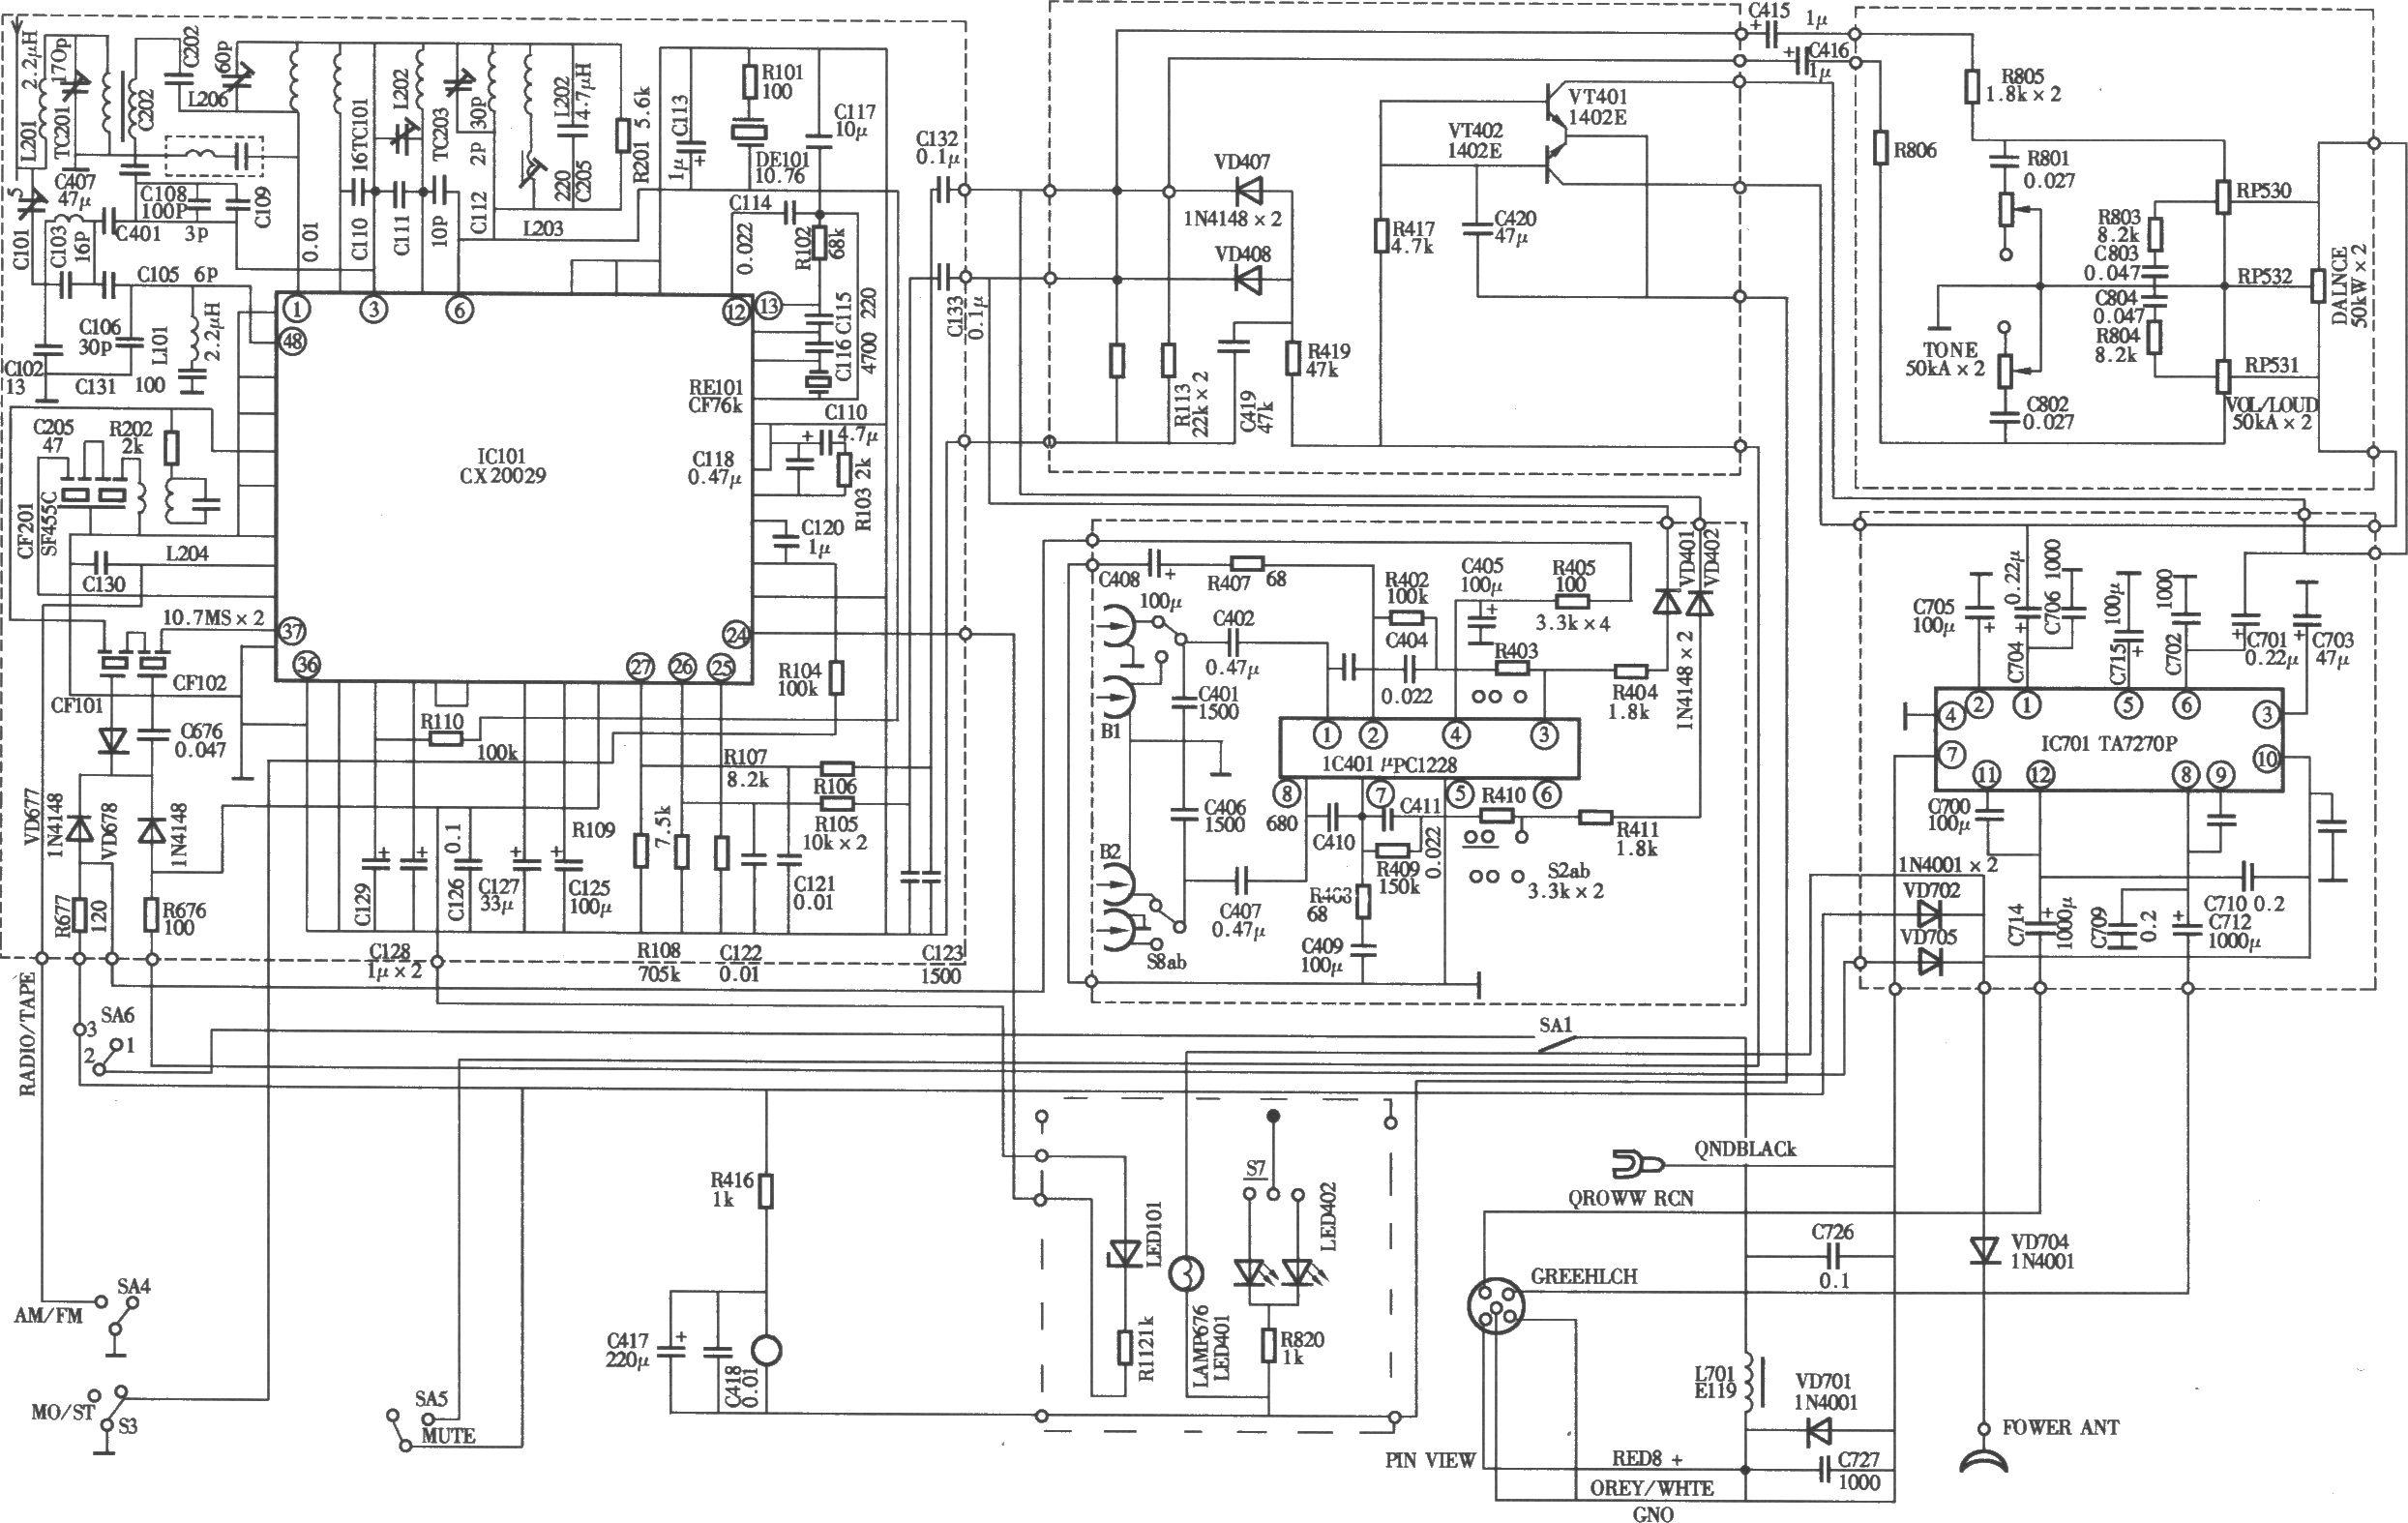 伽玛牌jm-1168型汽车音响电路